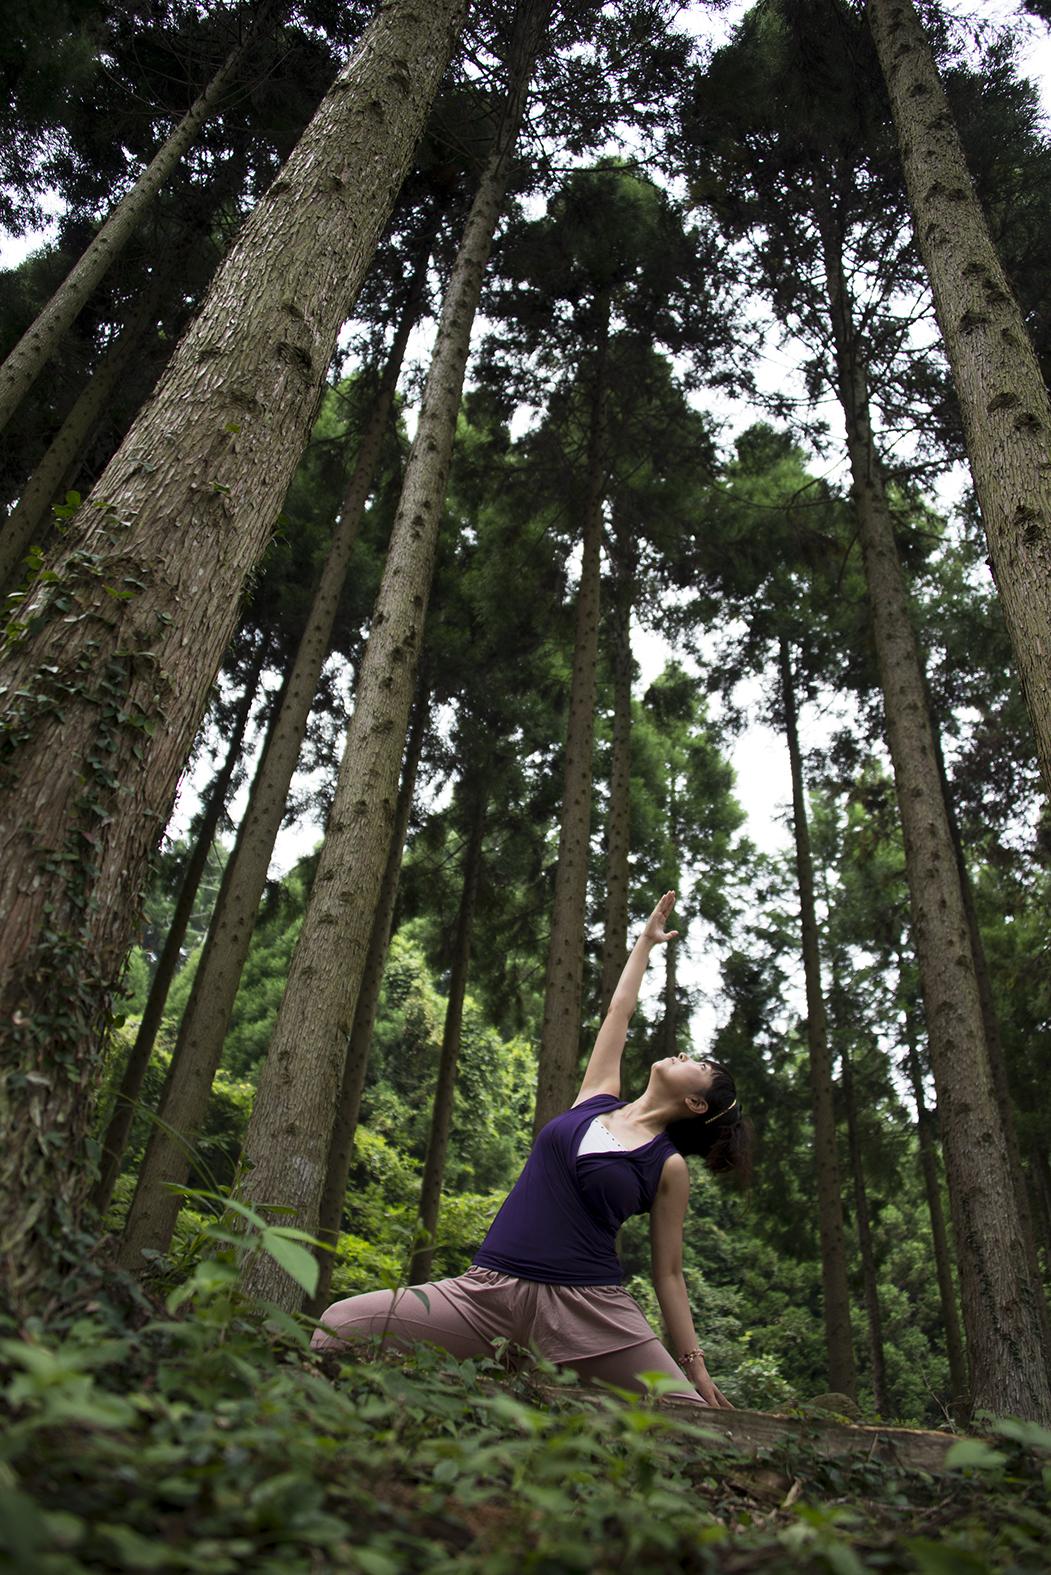 子連れOKママとOLさんを元気に北九州ヨガココカラ森林ヨガ